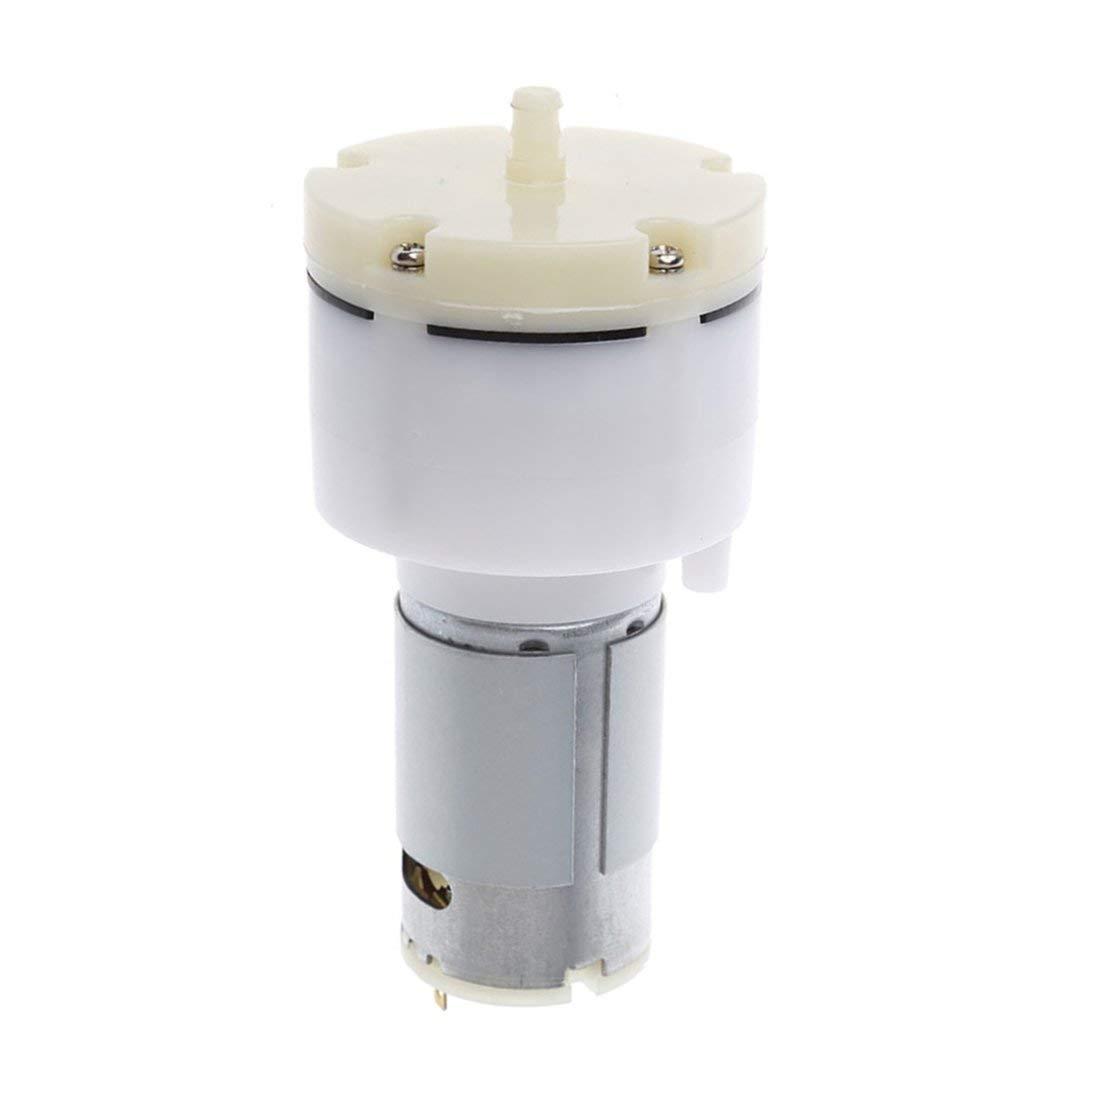 Candybarbar DC 24V Bomba de vac/ío de diafragma Mini Bomba de Aire 15L Min Micro Bomba de vac/ío el/éctrica de Alta presi/ón para m/áquina de Masaje